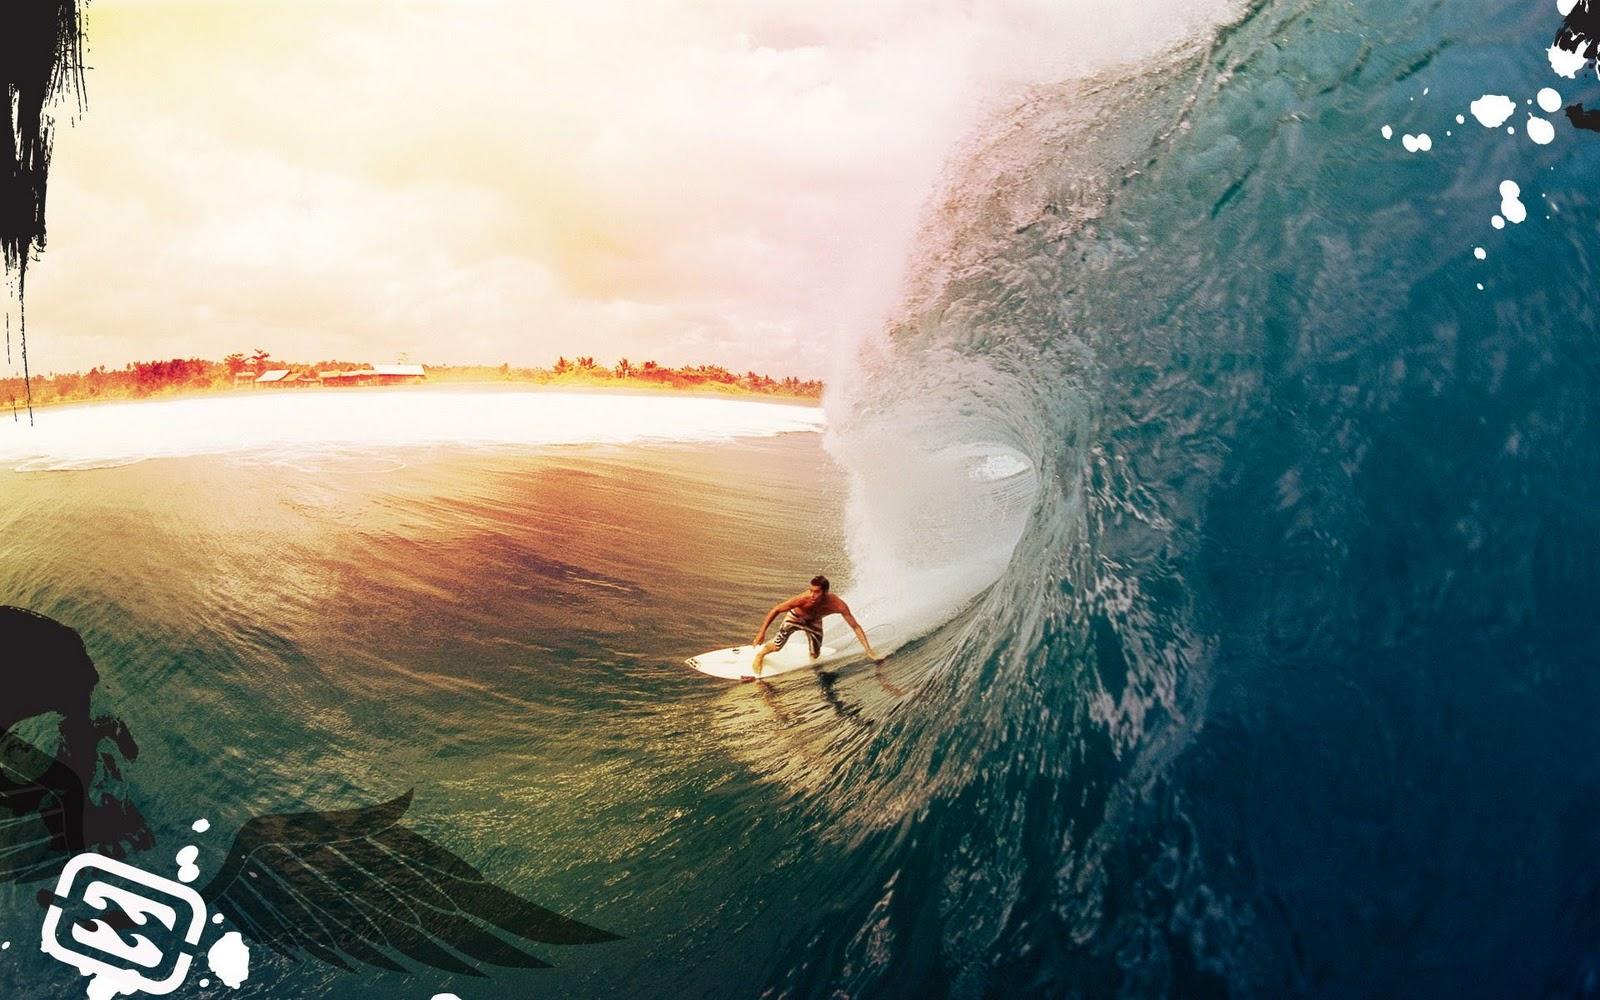 Sport foto met surfer die surft op een zeer hoge golf 1600x1000